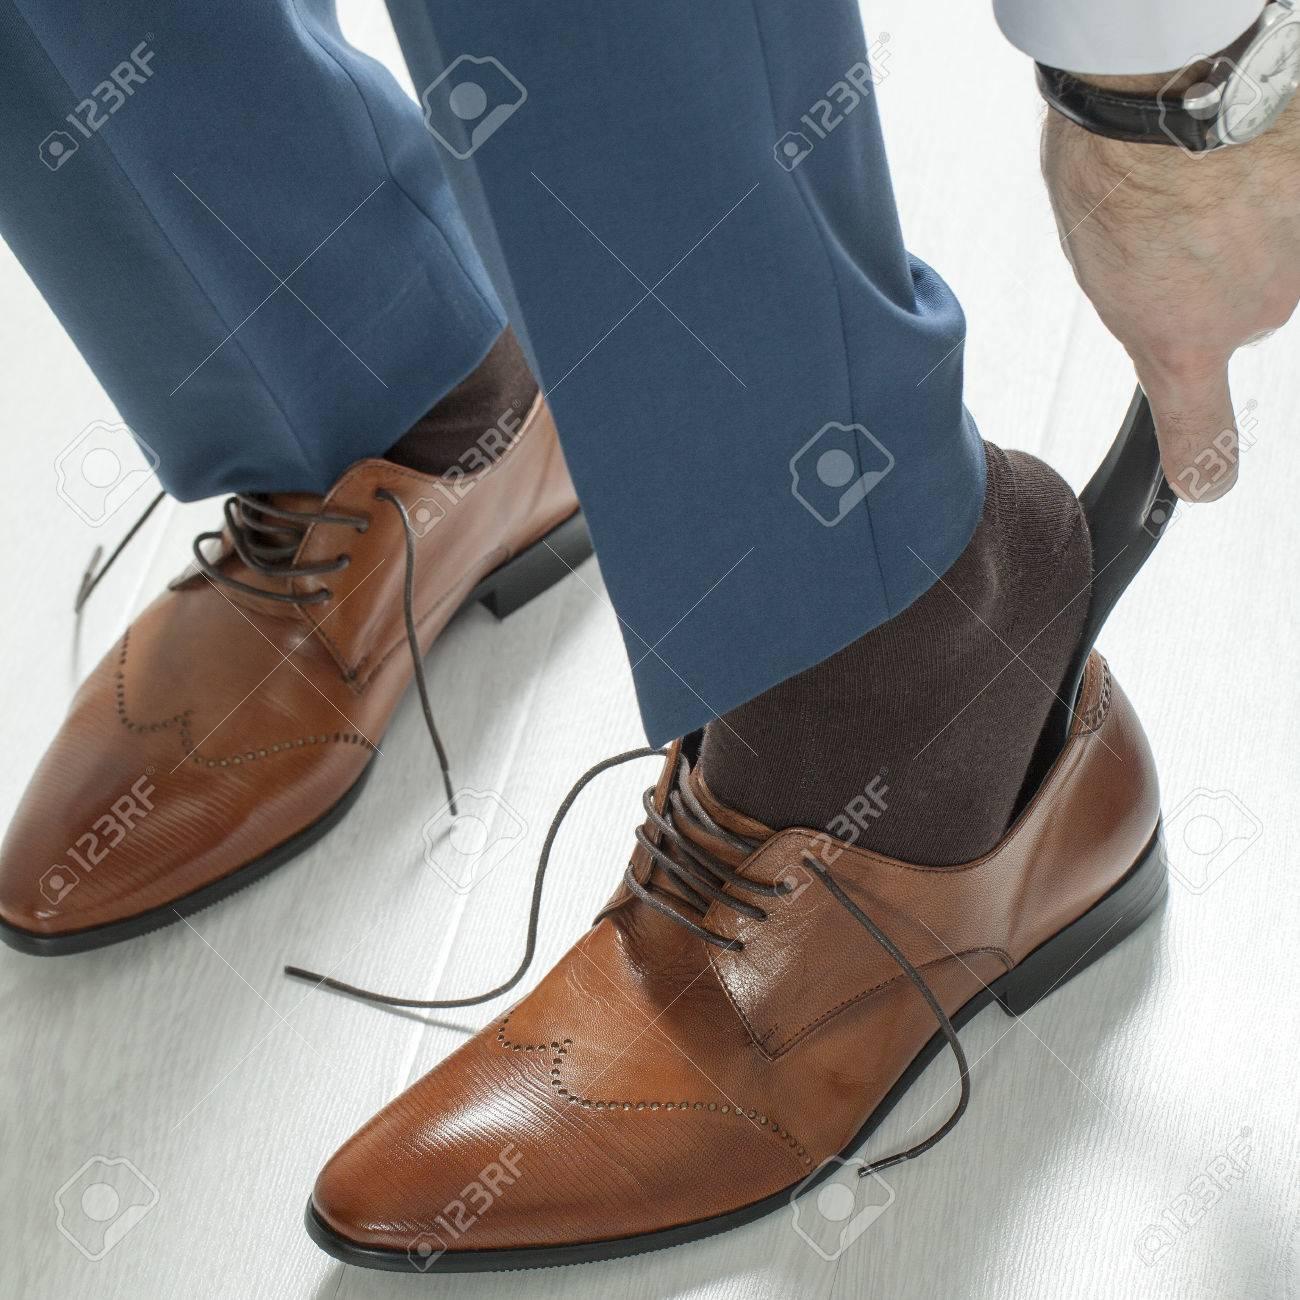 71273fdcdf7 Homme D affaires Vêtements Chaussures Brunes De Mode Banque D Images ...